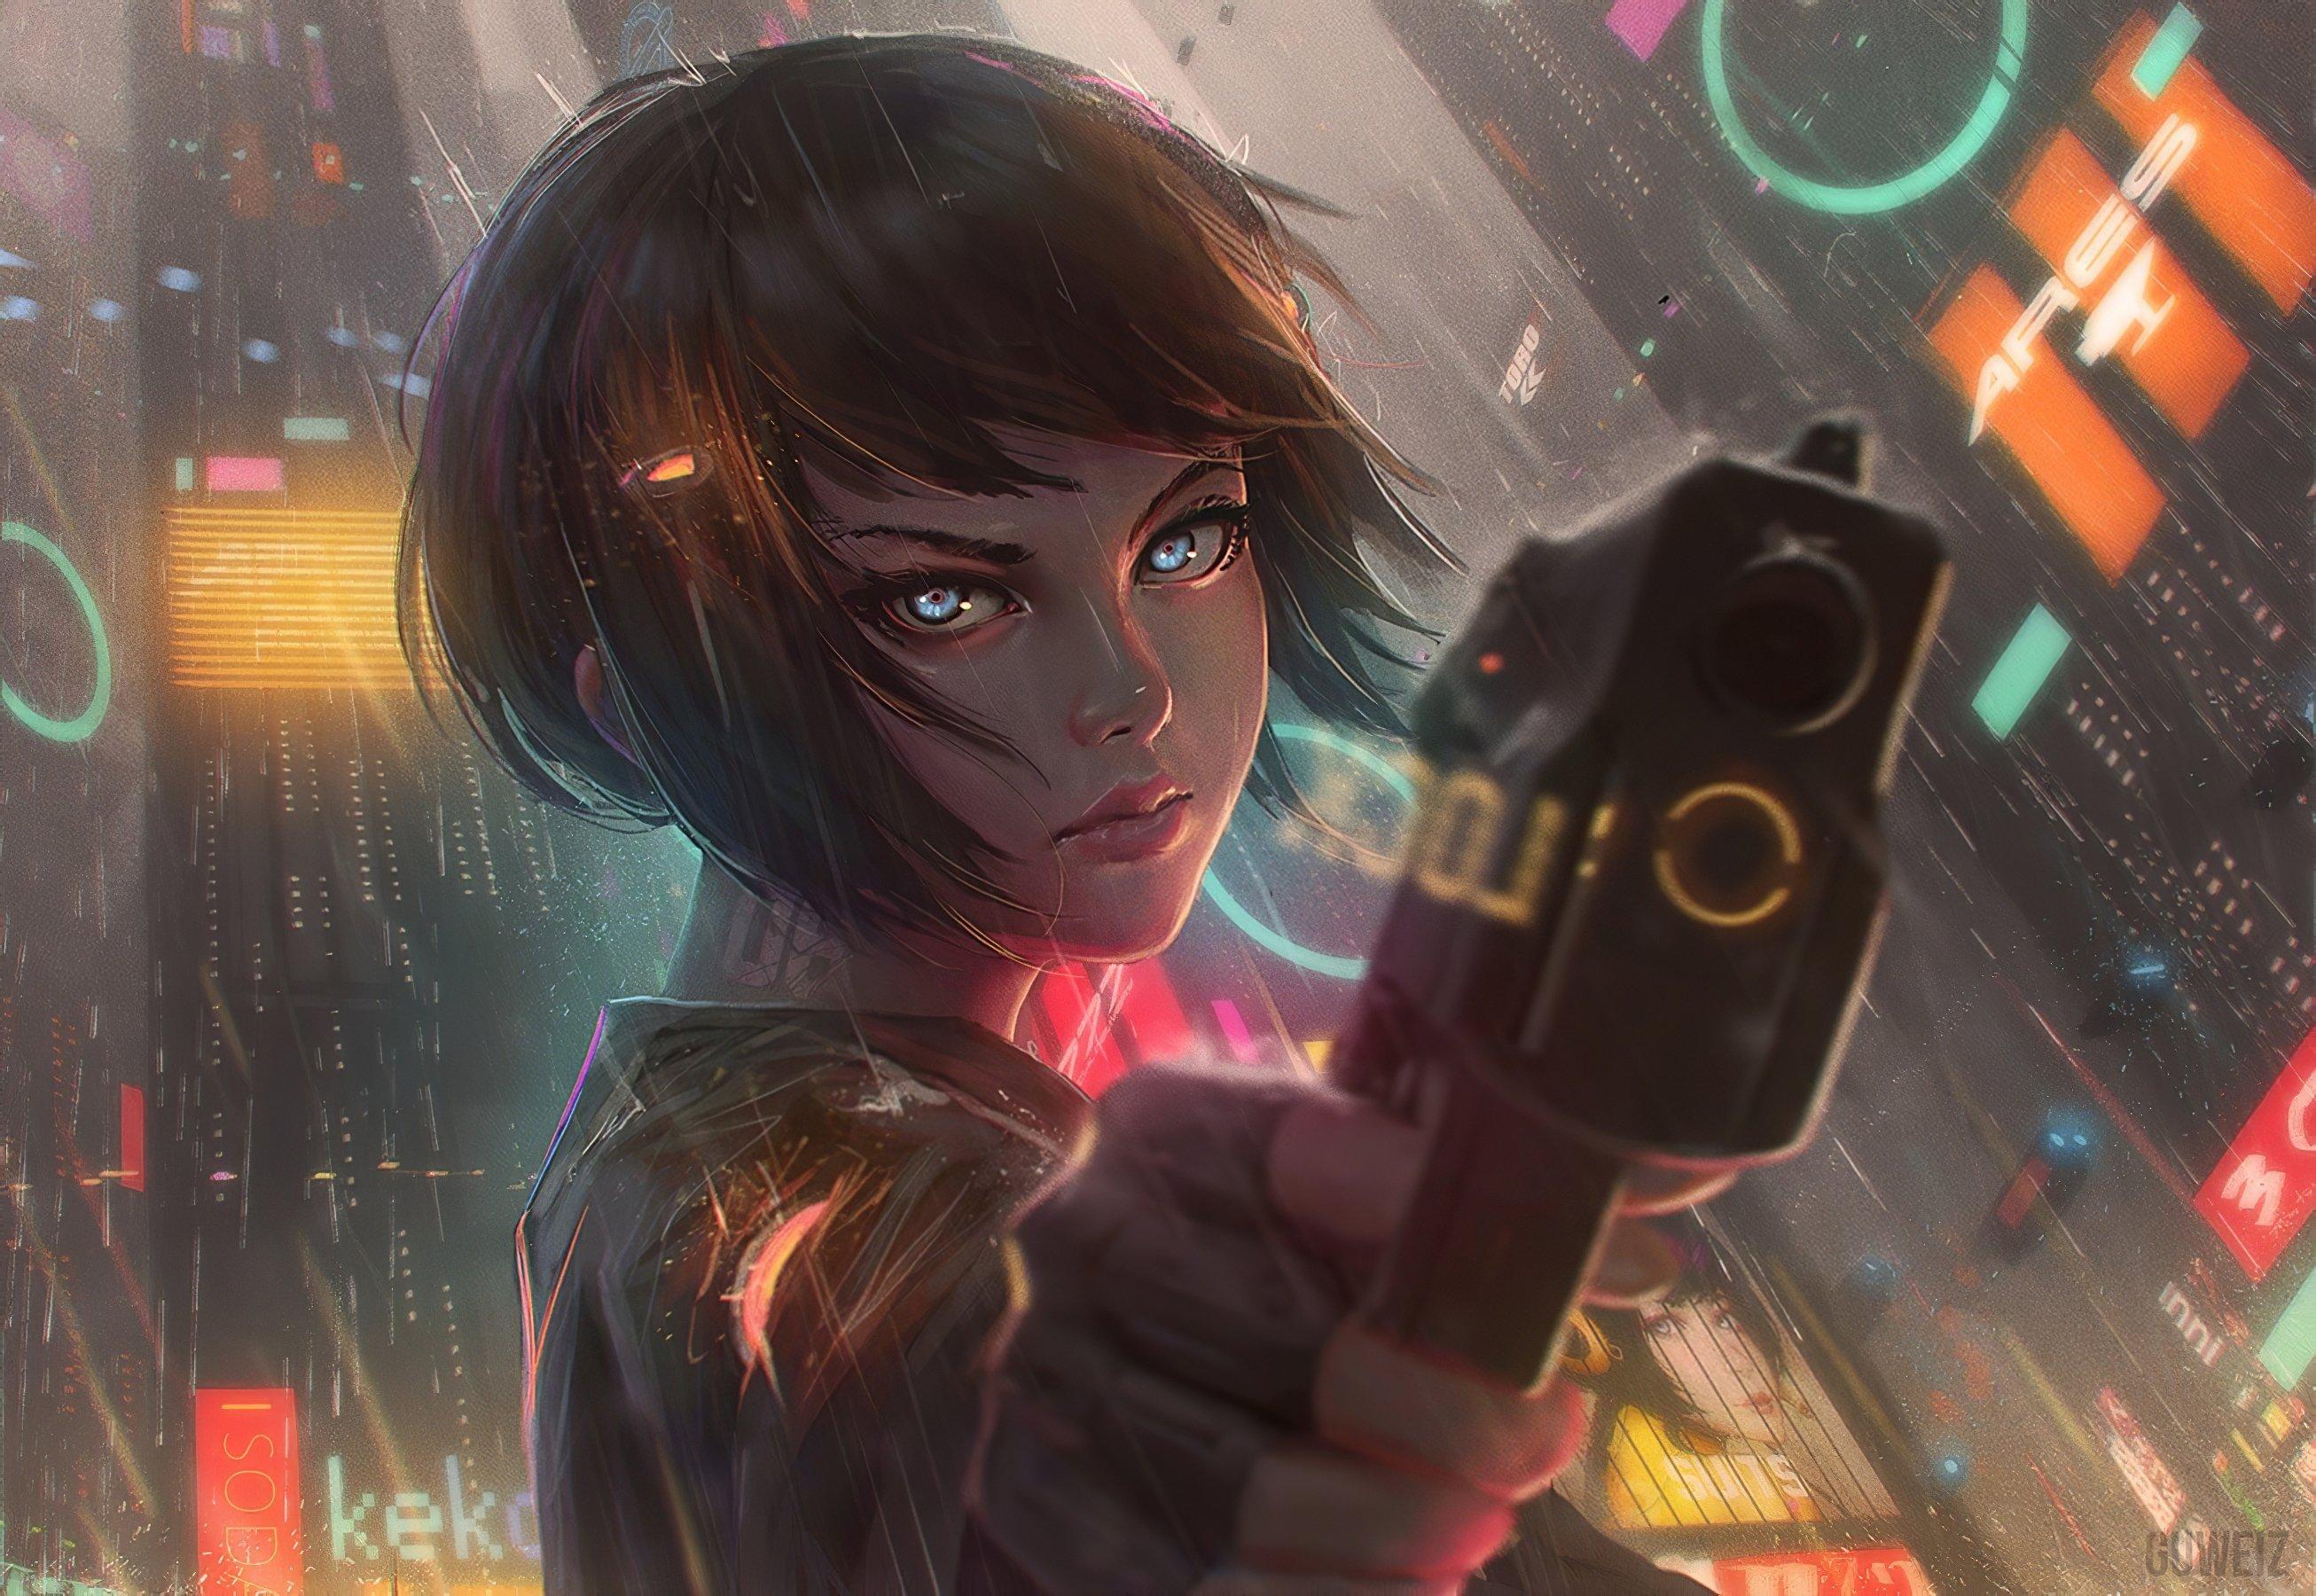 Fondos de pantalla Chica con cabello corto lista para disparar estilo anime